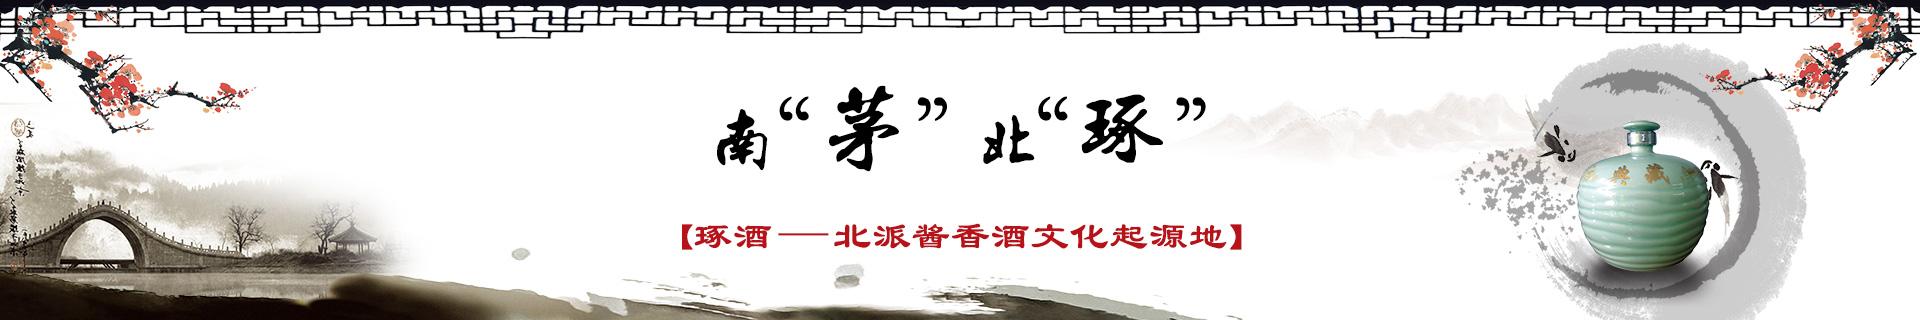 """南""""茅""""北""""琢"""",乐虎体育直播官网下载——北派酱香酒文化起源地"""